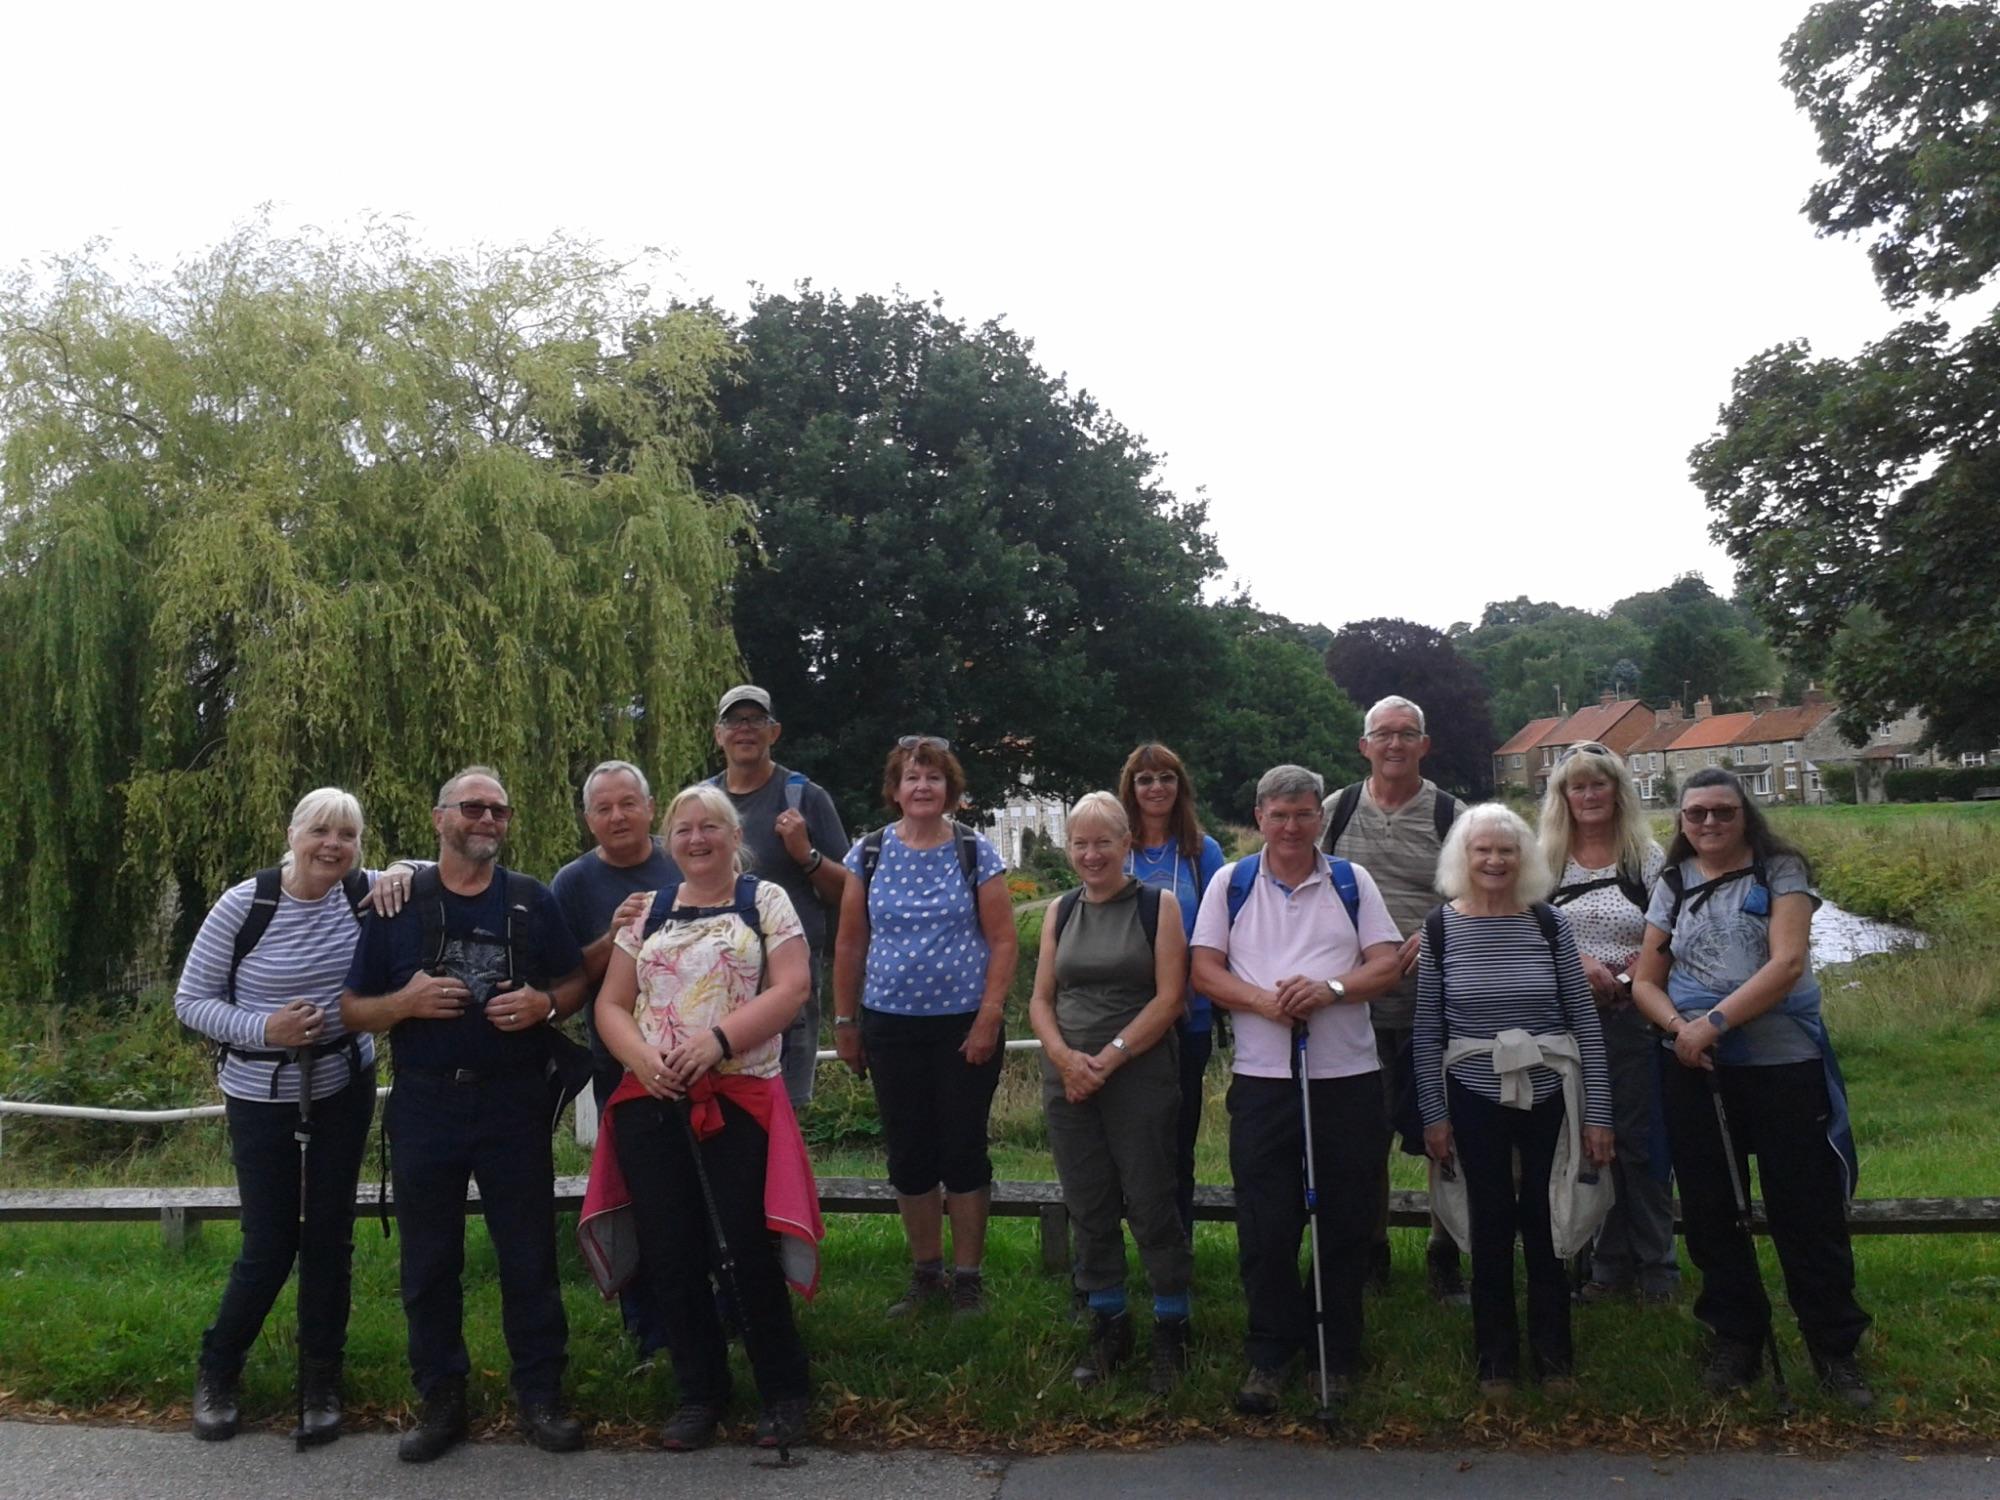 Sinnington walk 2021